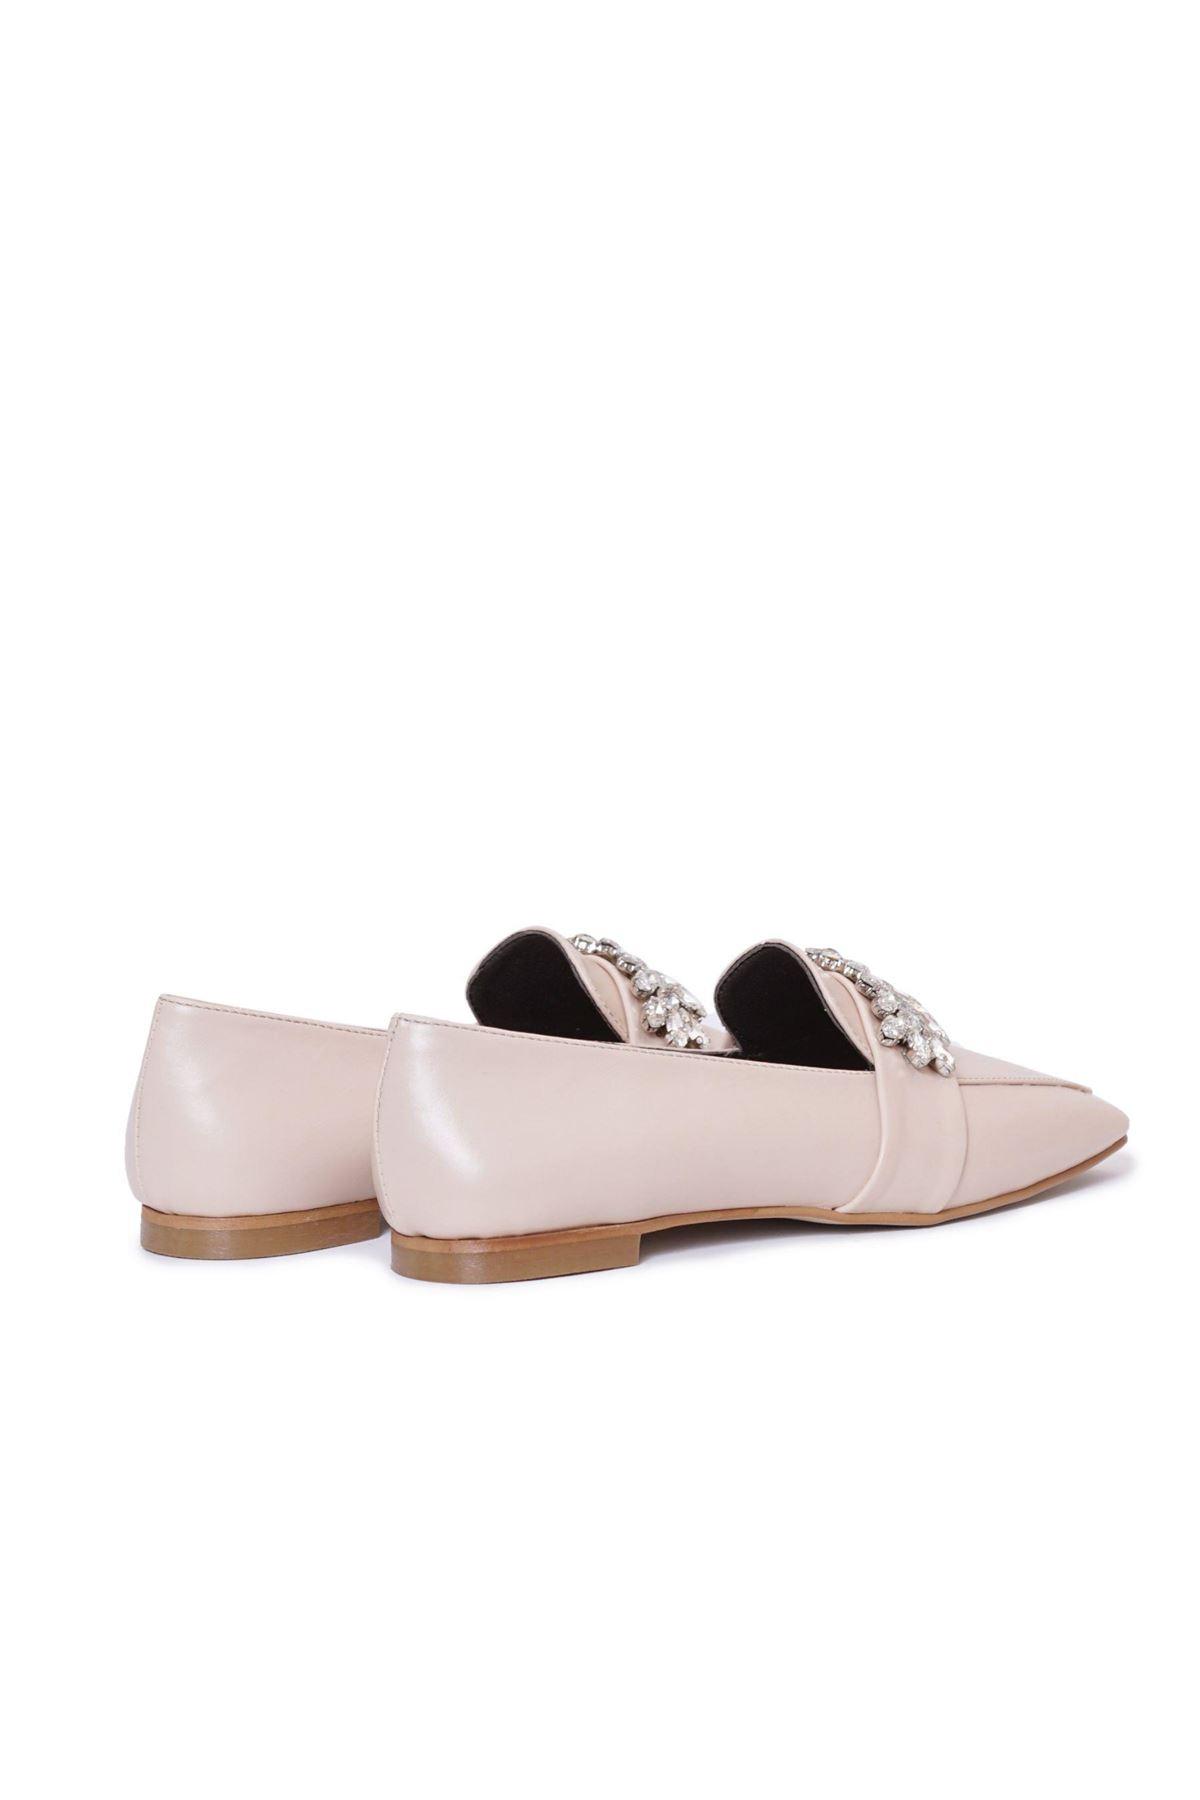 Kadın Çiçek Taşlı Loafer Ayakkabı - Bej